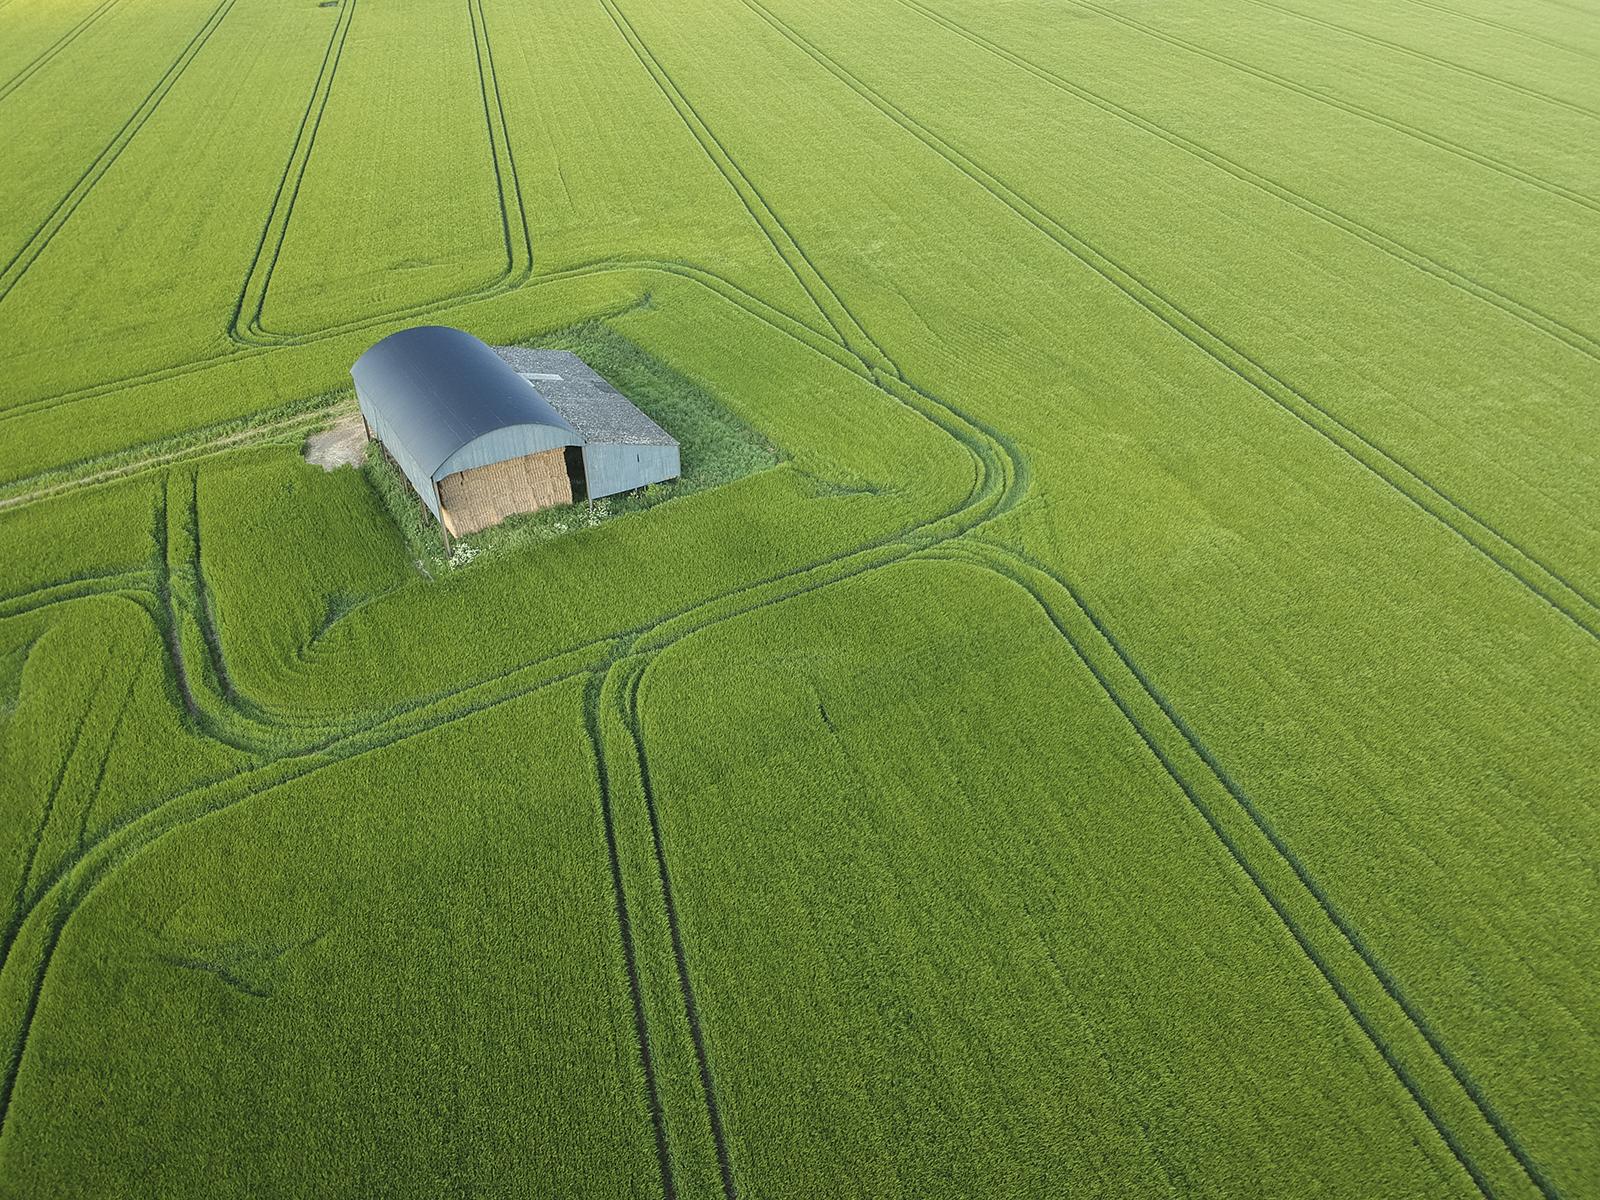 First 'Blandford Barn' by Tony O'Reilly